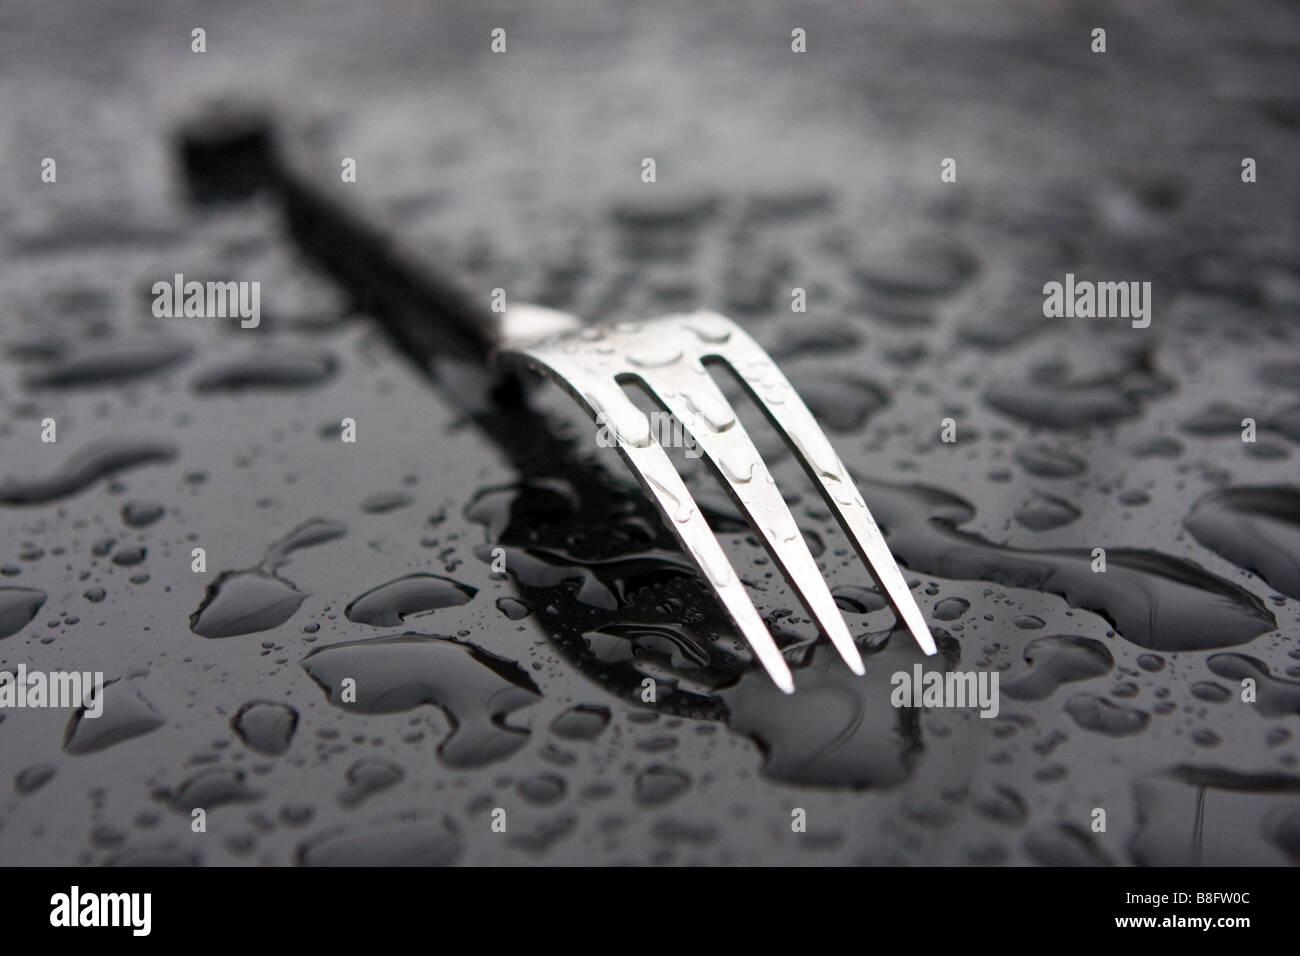 Une fourchette à dîner sur une surface métallique lisse avec des gouttes de pluie Photo Stock